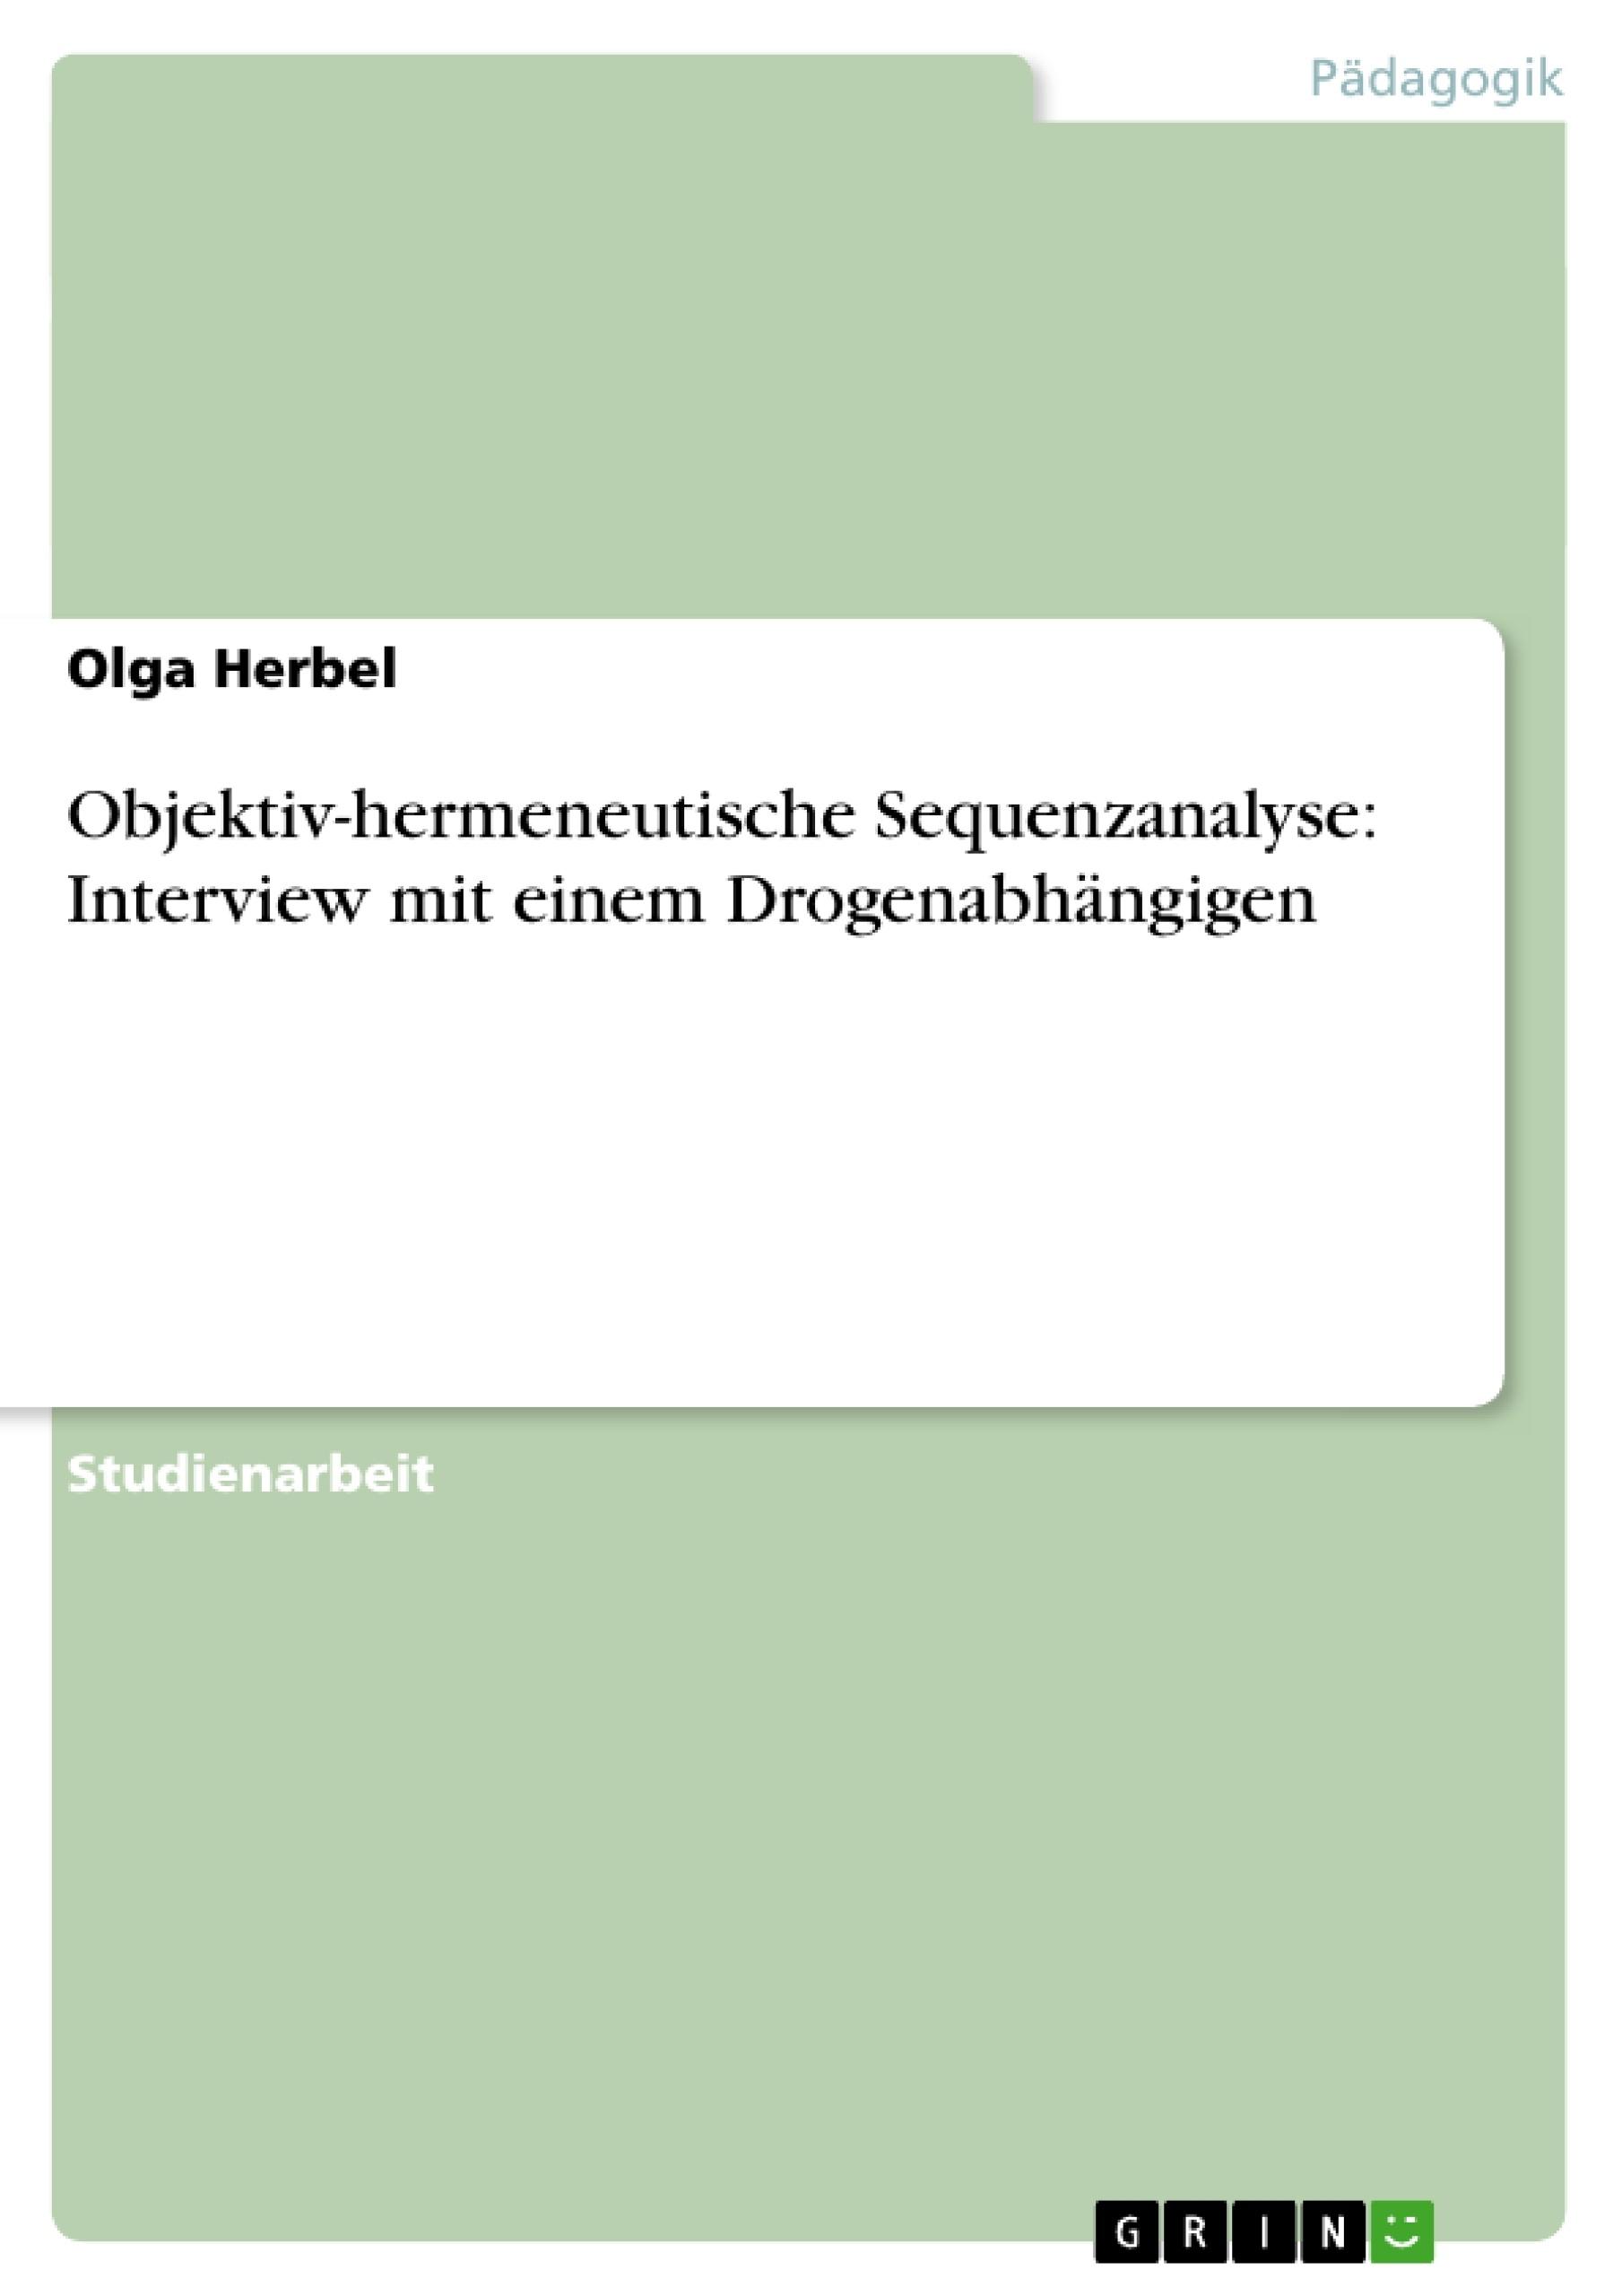 Titel: Objektiv-hermeneutische Sequenzanalyse: Interview mit einem Drogenabhängigen